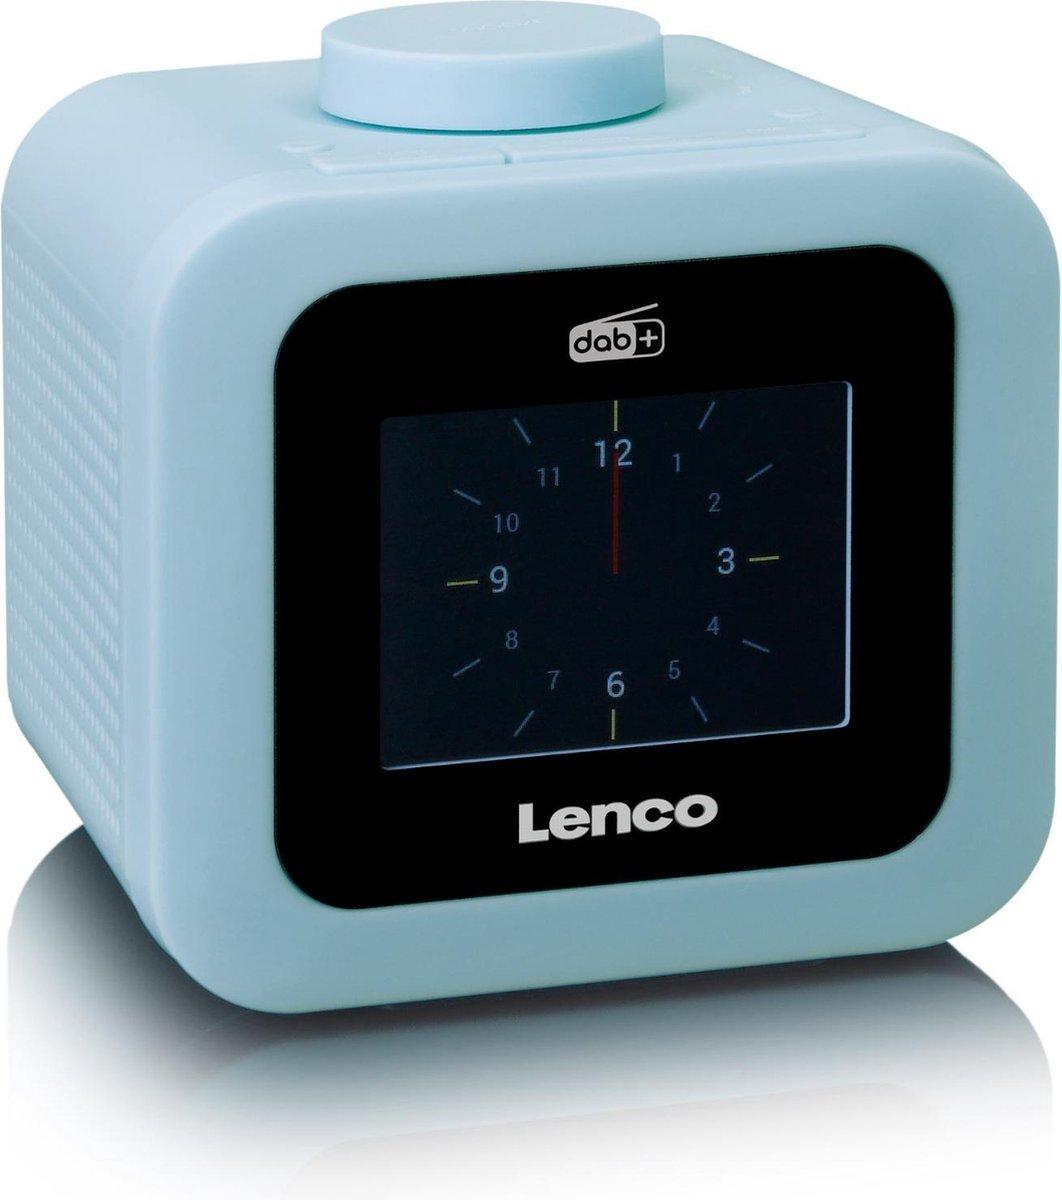 Lenco CR-620 - Wekkerradio met DAB+ en AUX-uitgang - Blauw